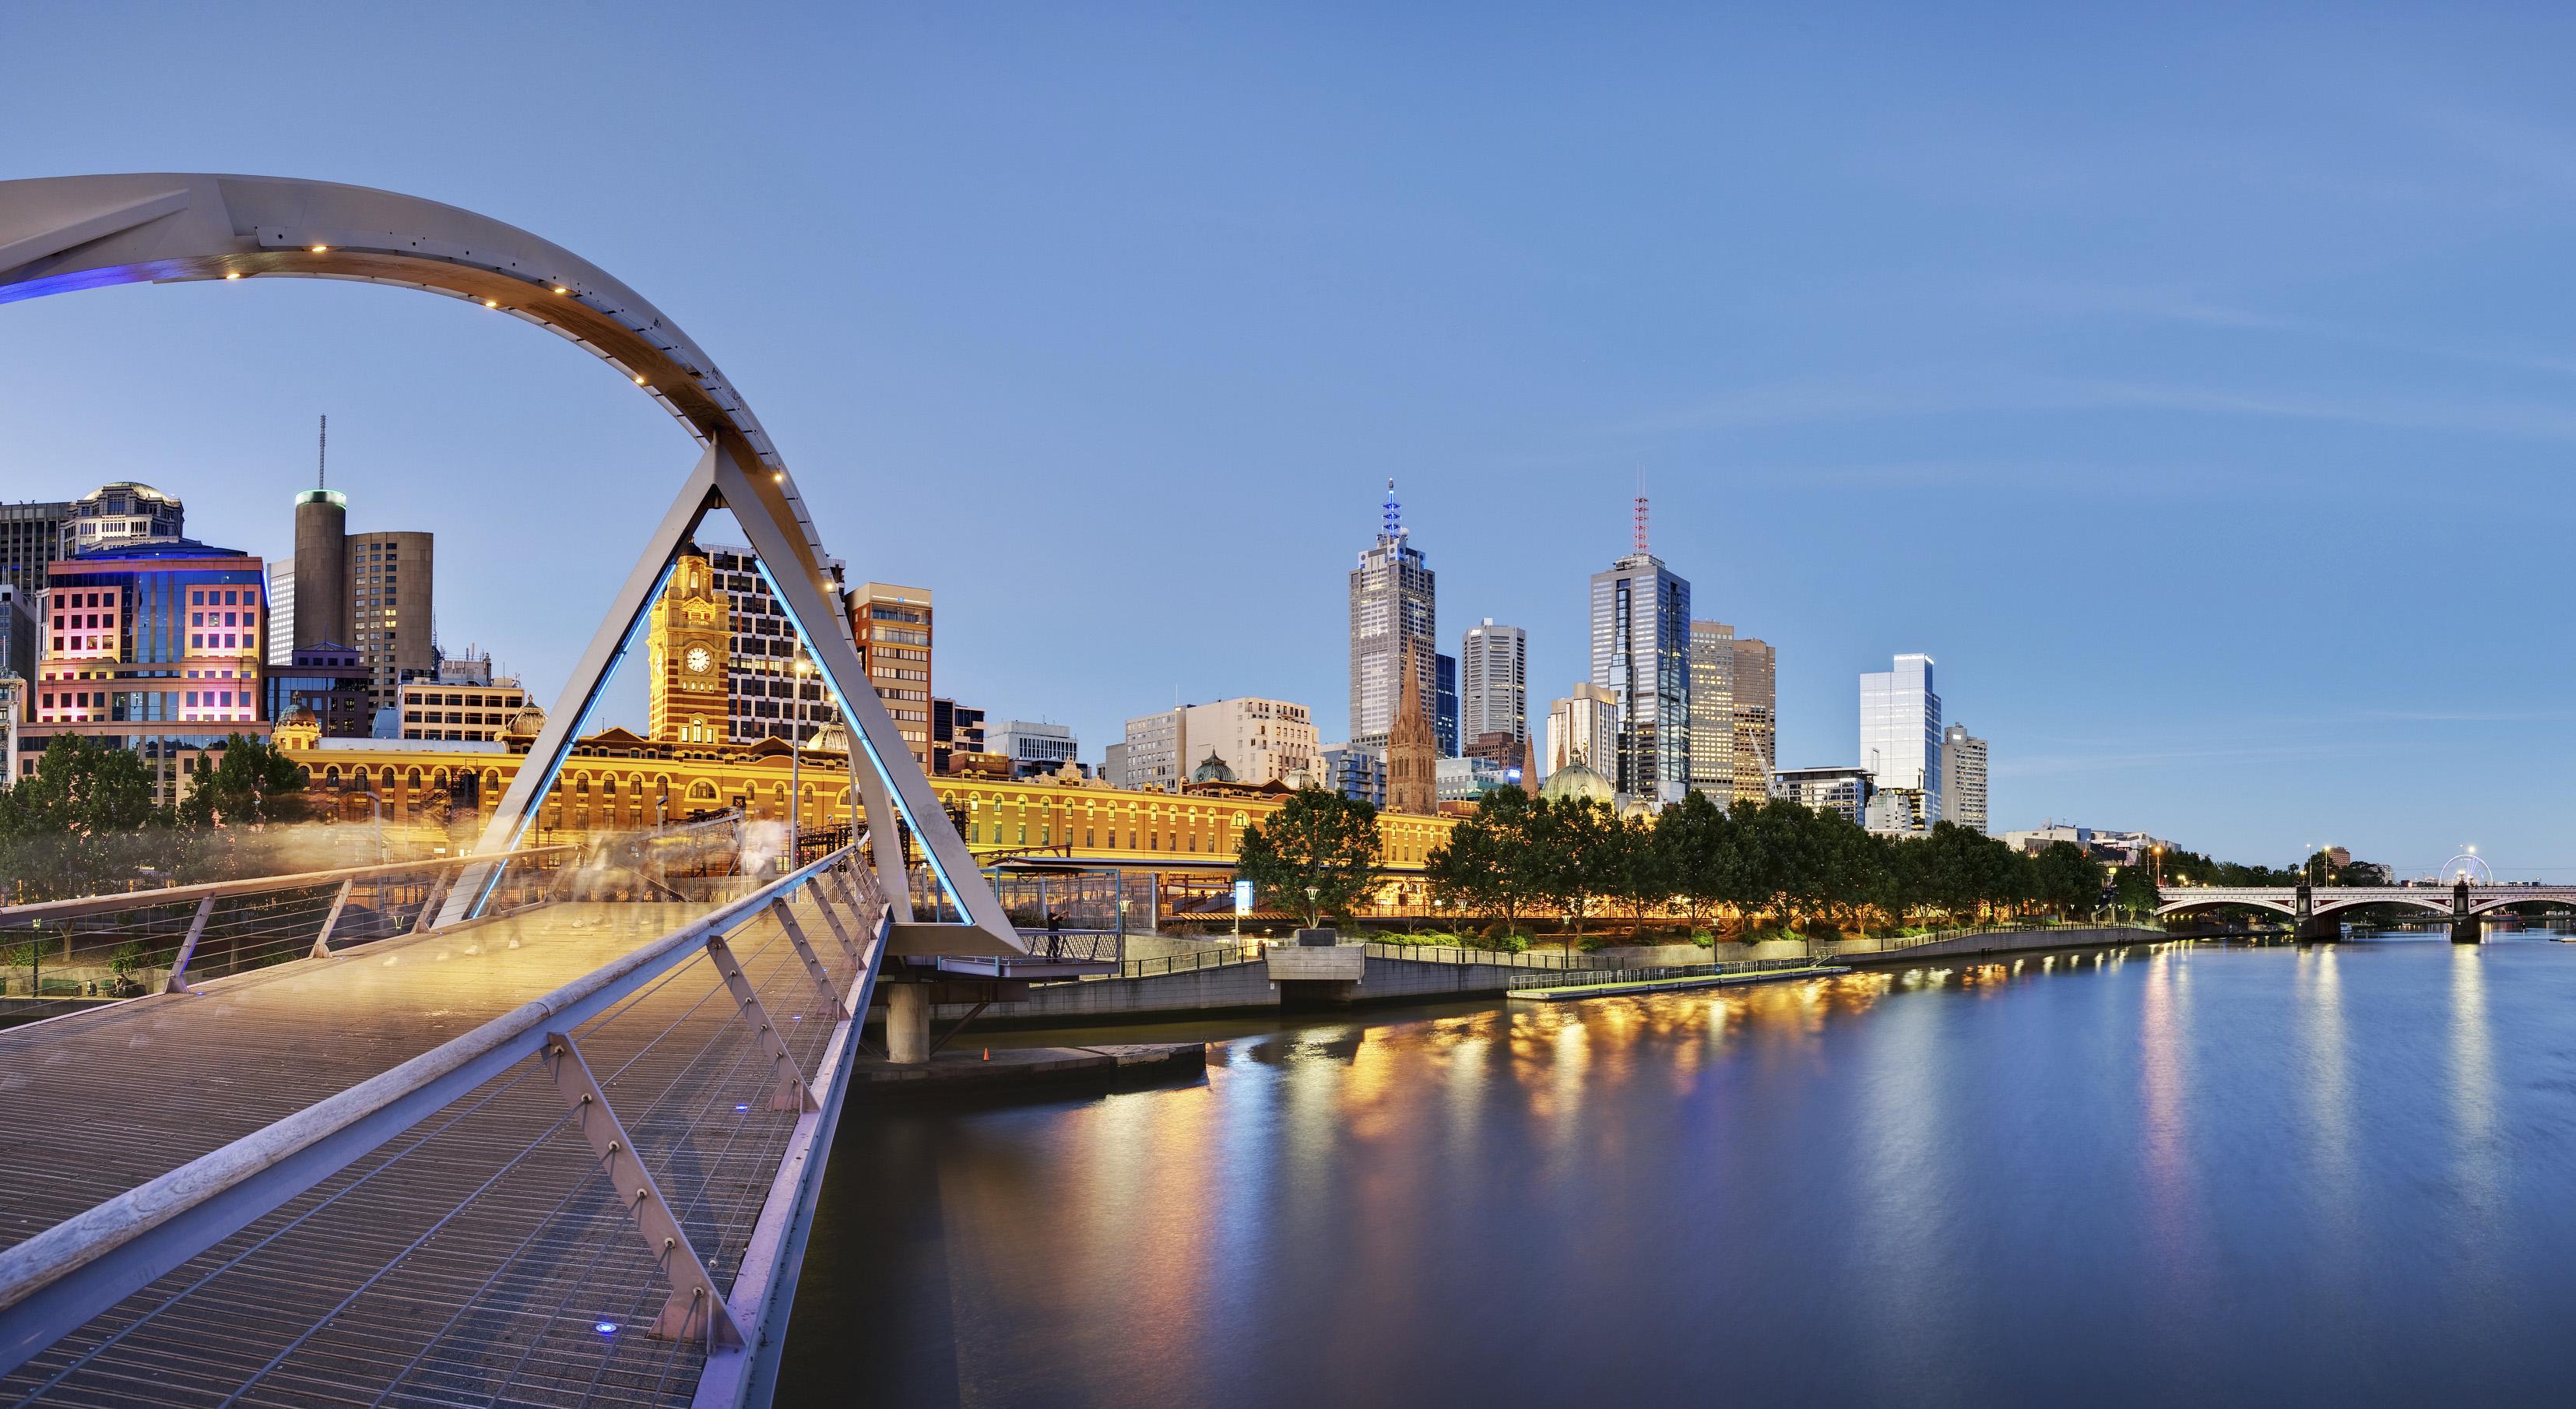 lugares-para-se-viajar-sozinho-melbourne-austrália Os 15 melhores lugares do mundo para se viajar sozinho (a)